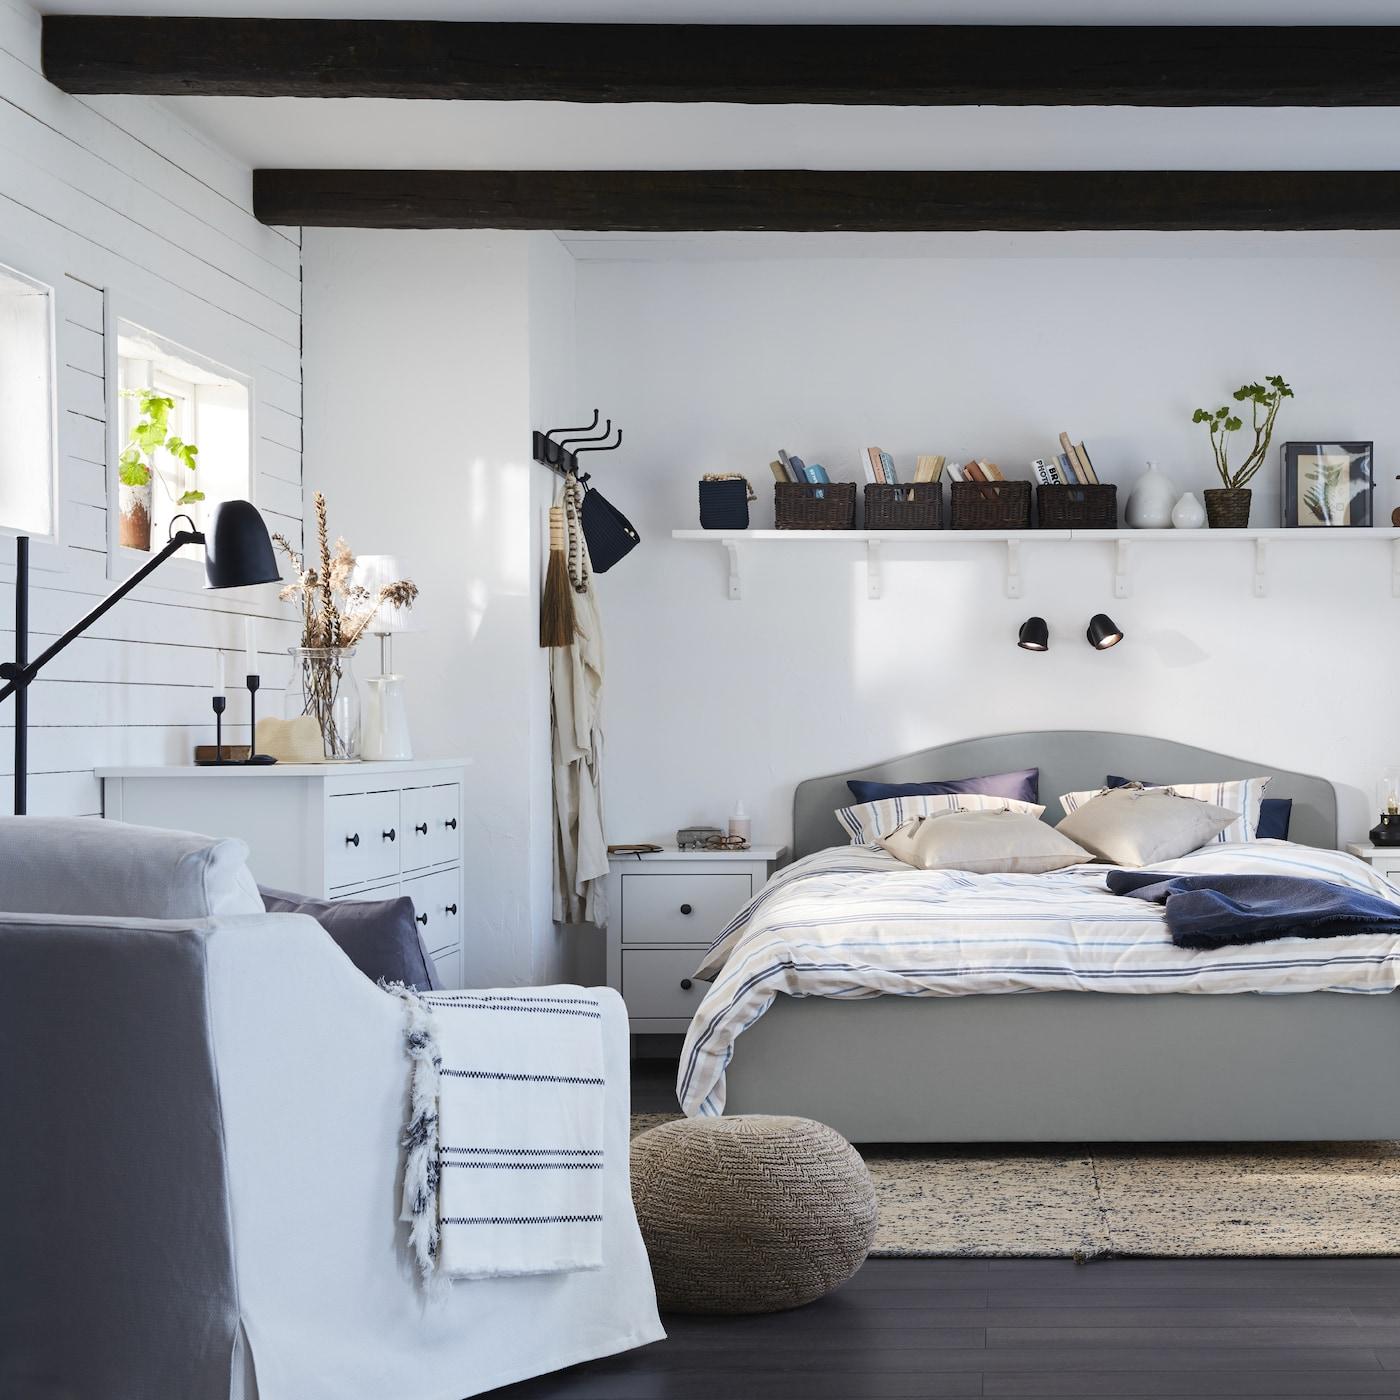 Chambre à coucher de style classique et coordonné avec lit beige HAUGA, fauteuil et rideaux blancs et bureau en bleu-vert foncé.